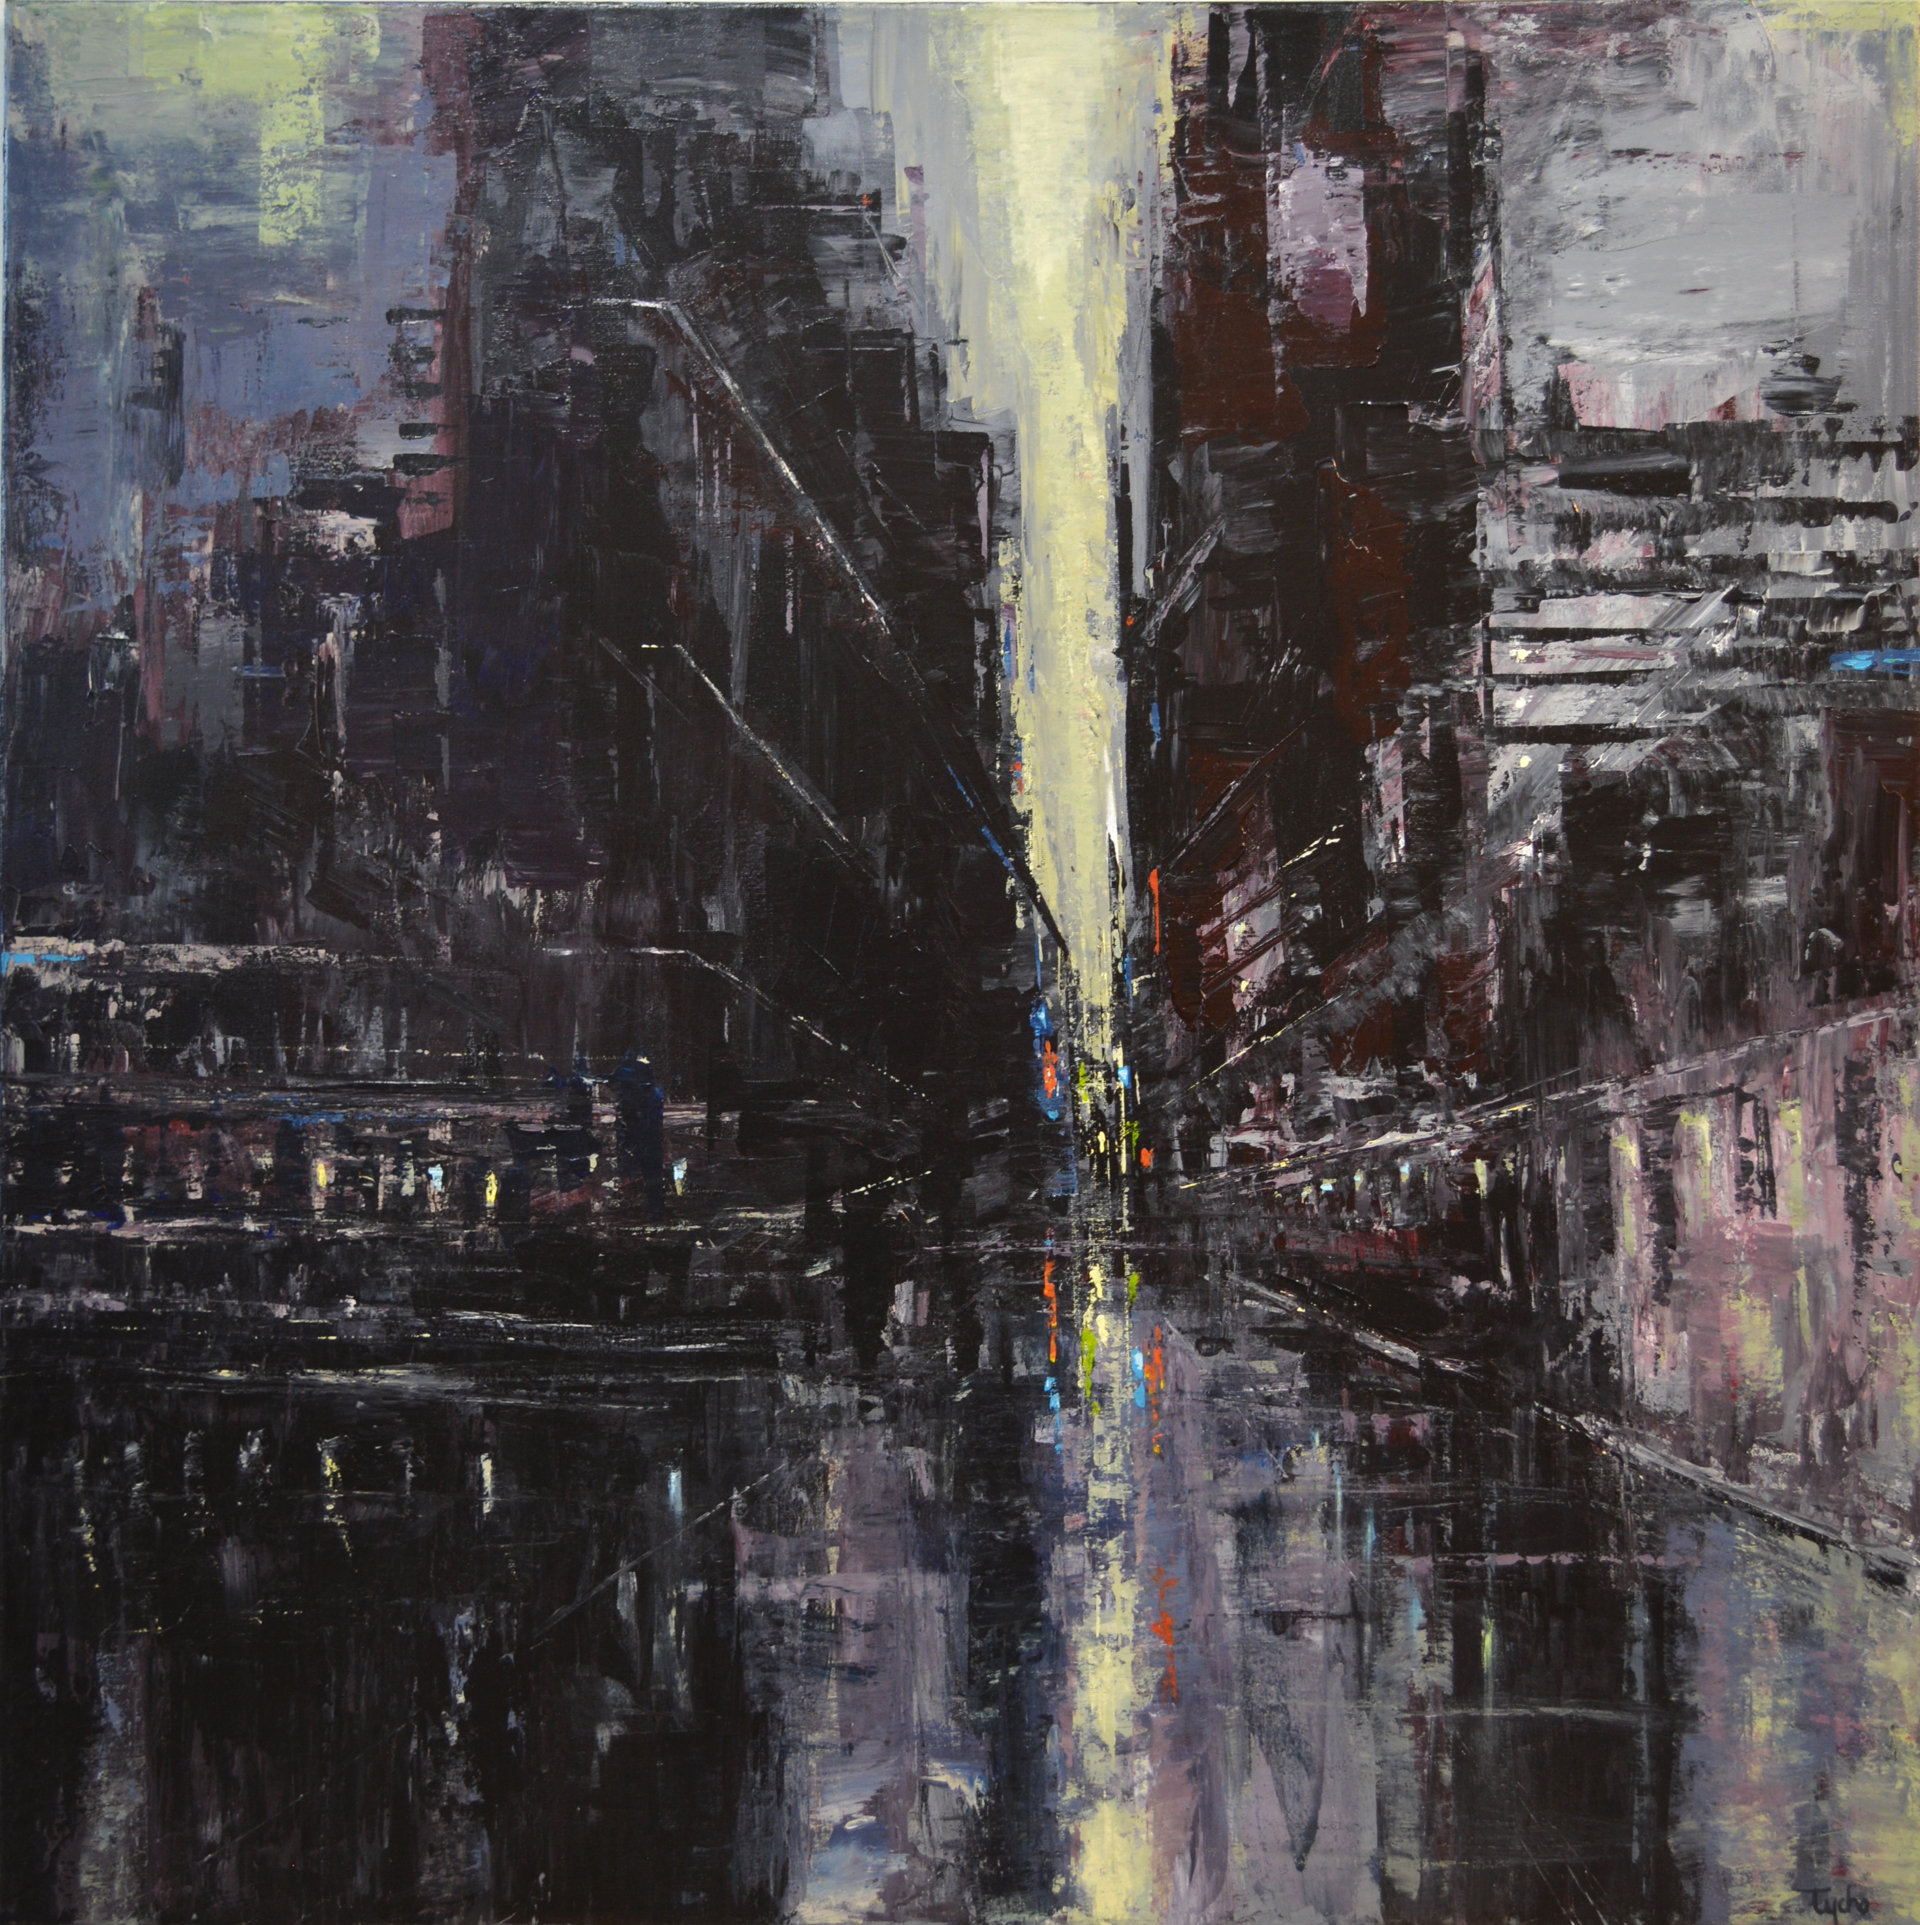 Urbania #3 by David Tycho